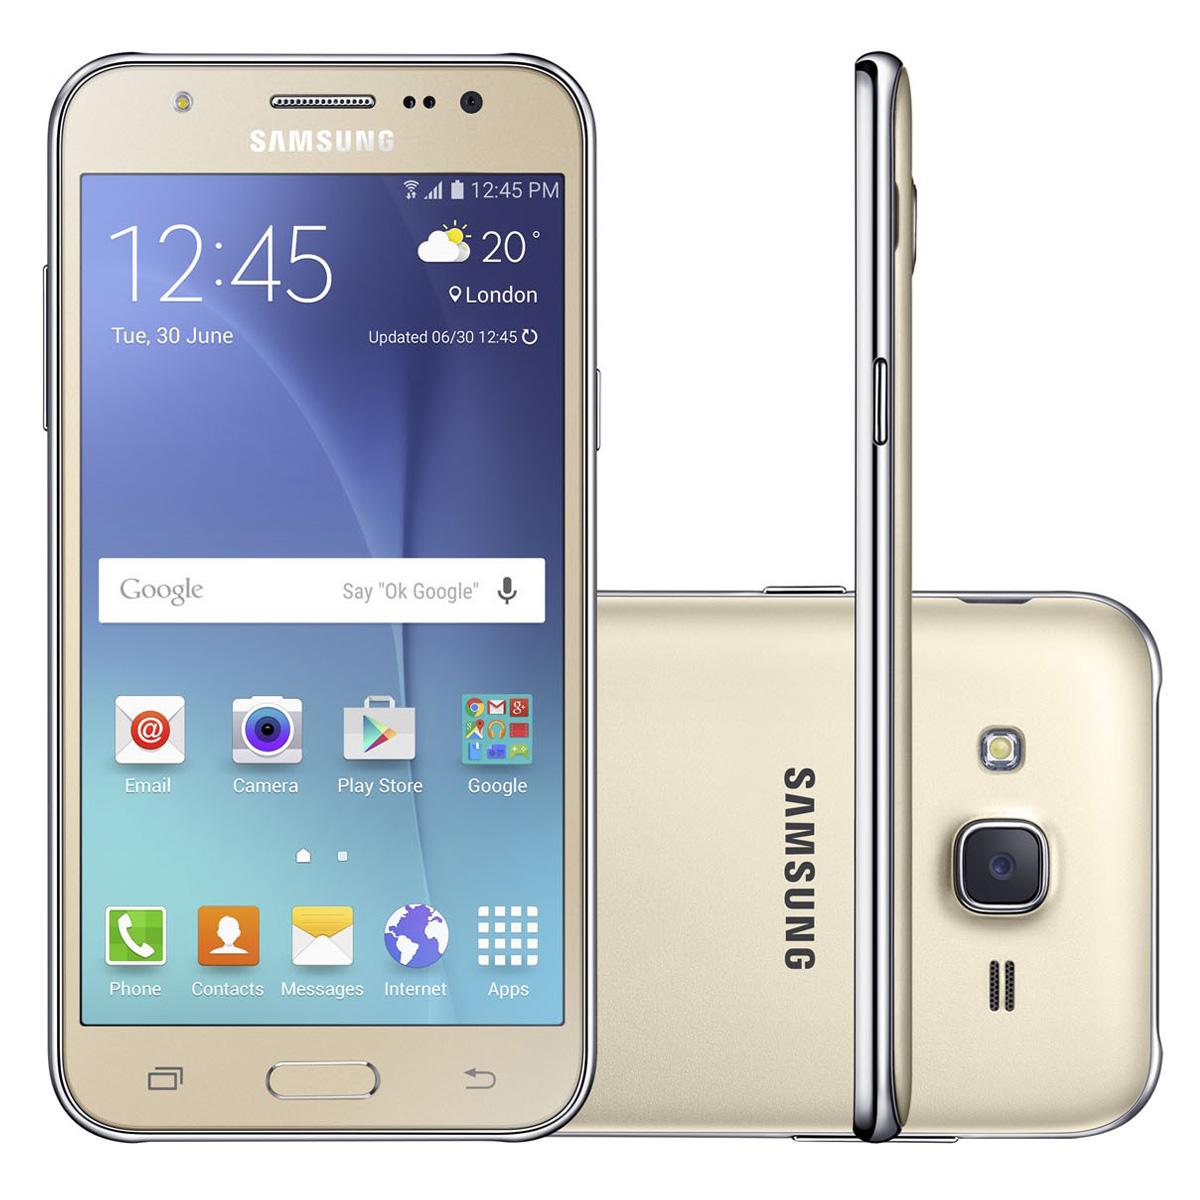 Activar linterna en Samsung J1, J2, J3, J5 y J7